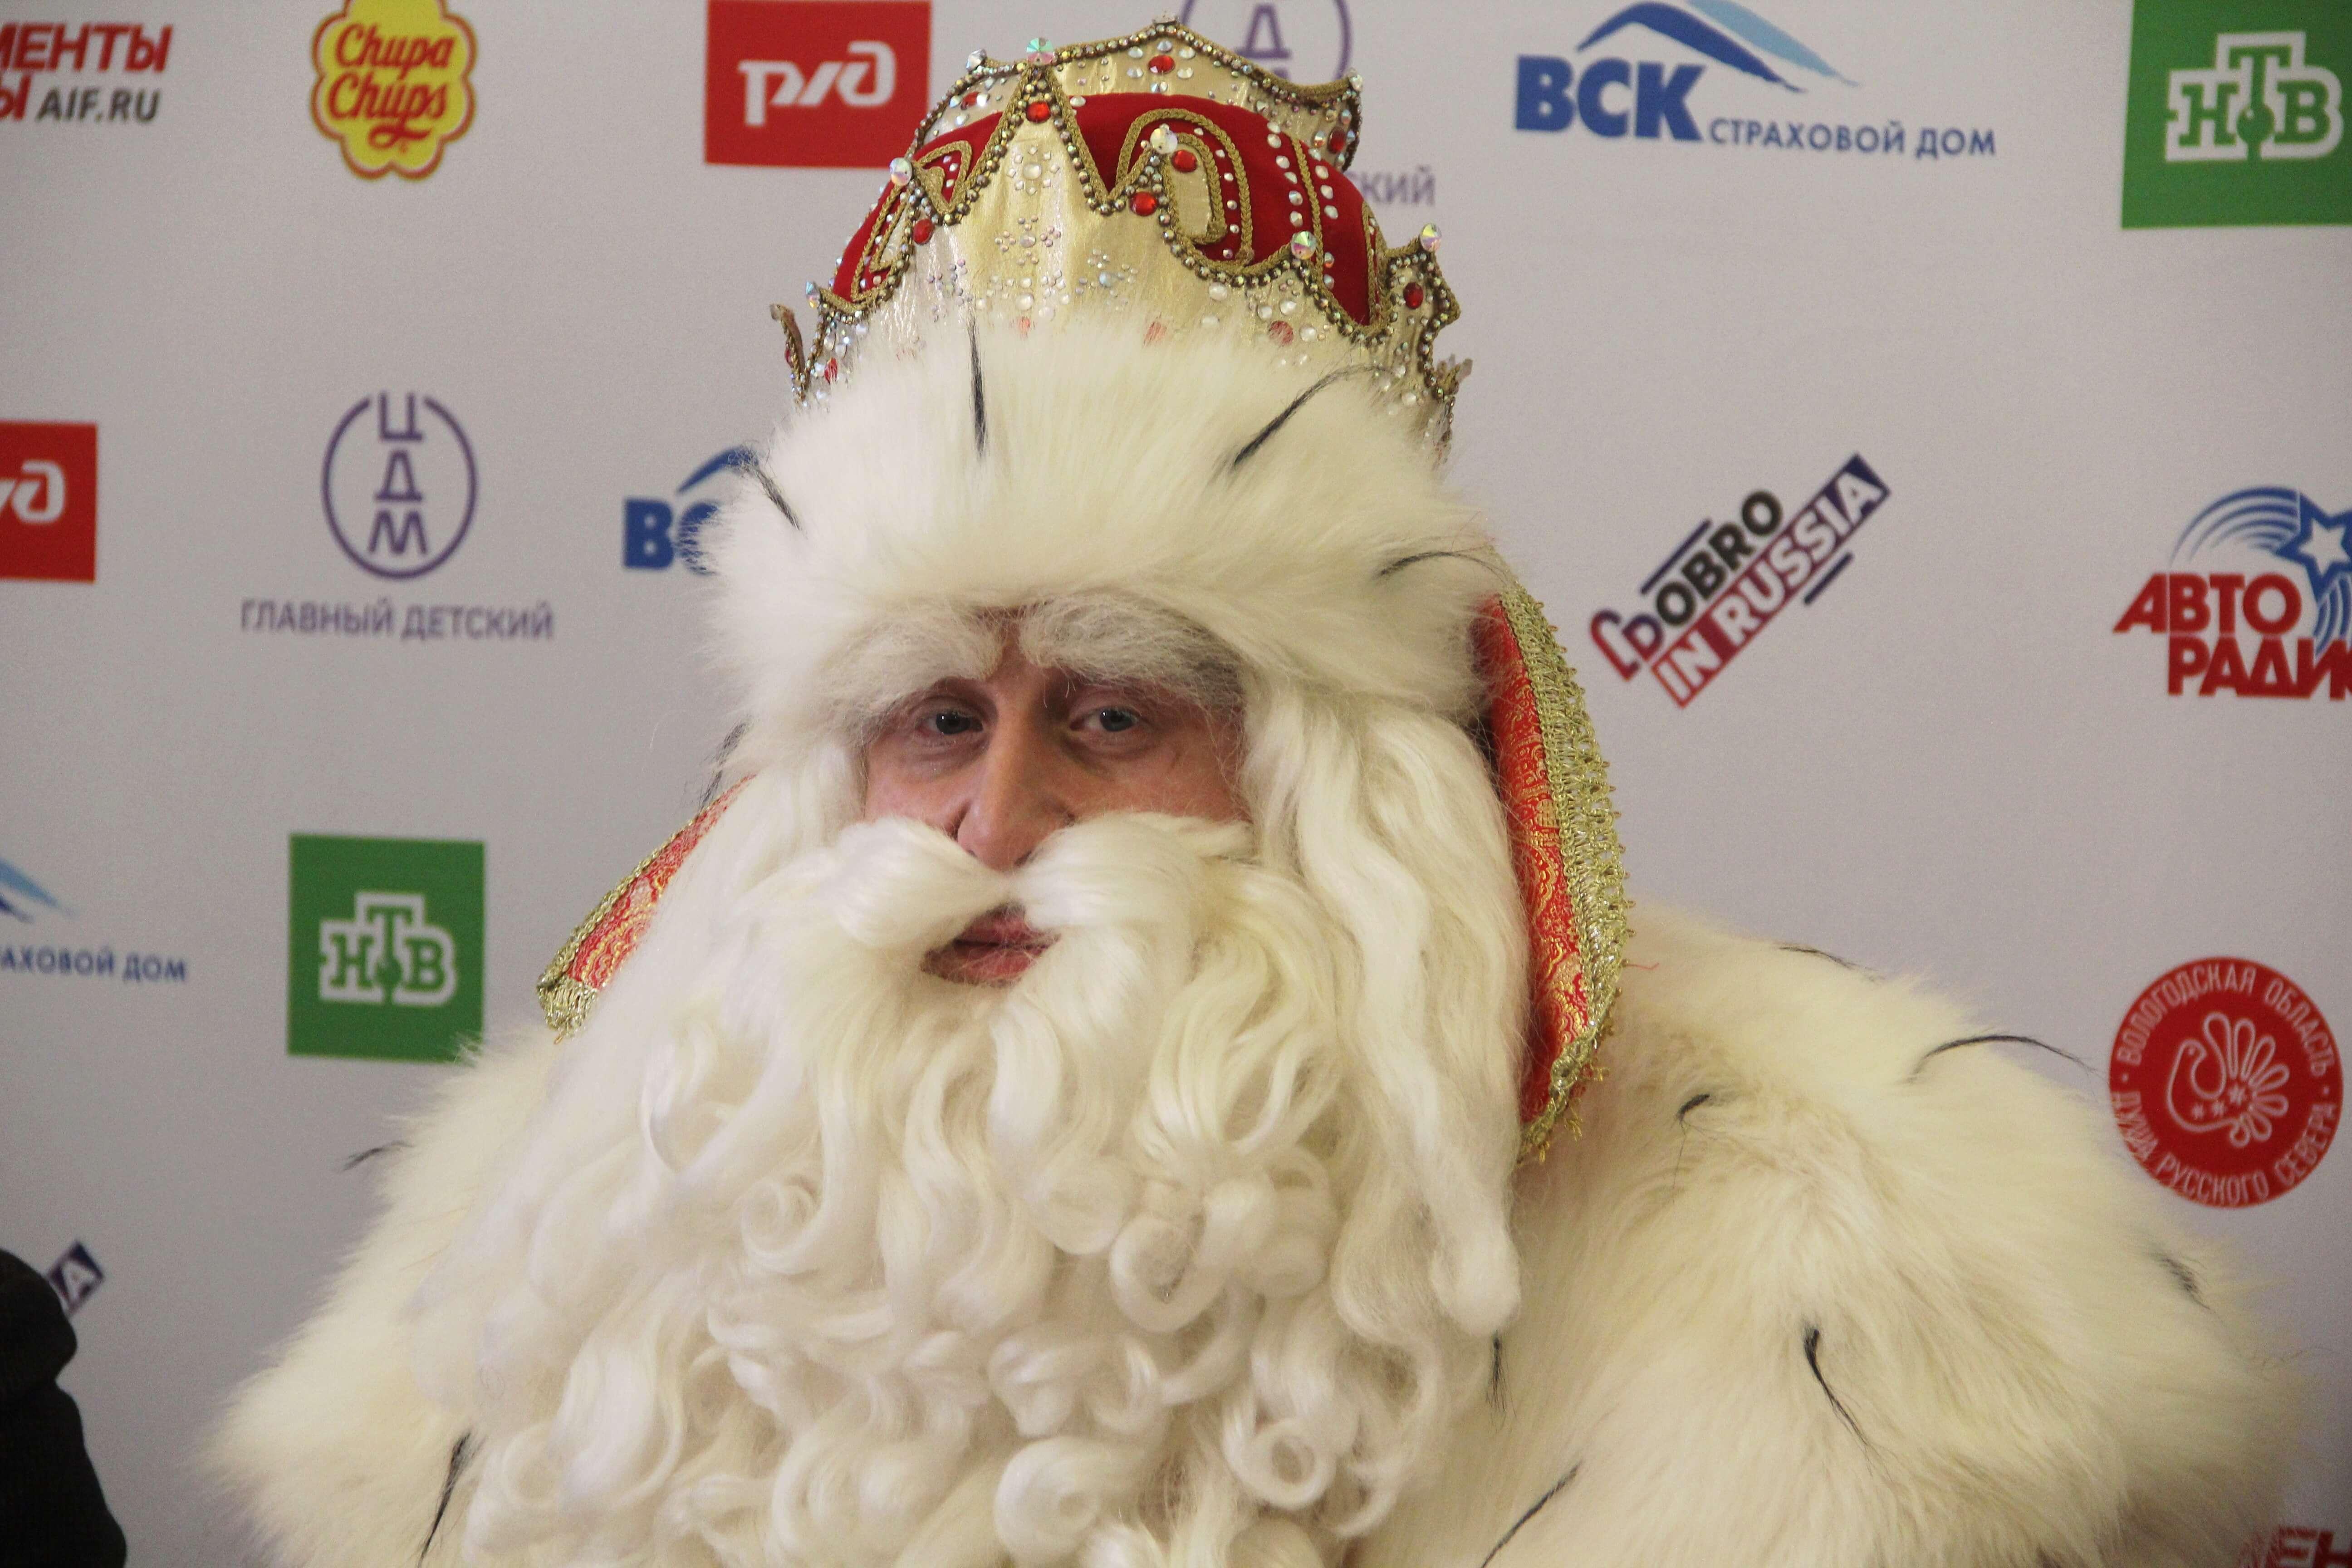 Путешествующий по России Дед Мороз застрял в краснодарской пробке